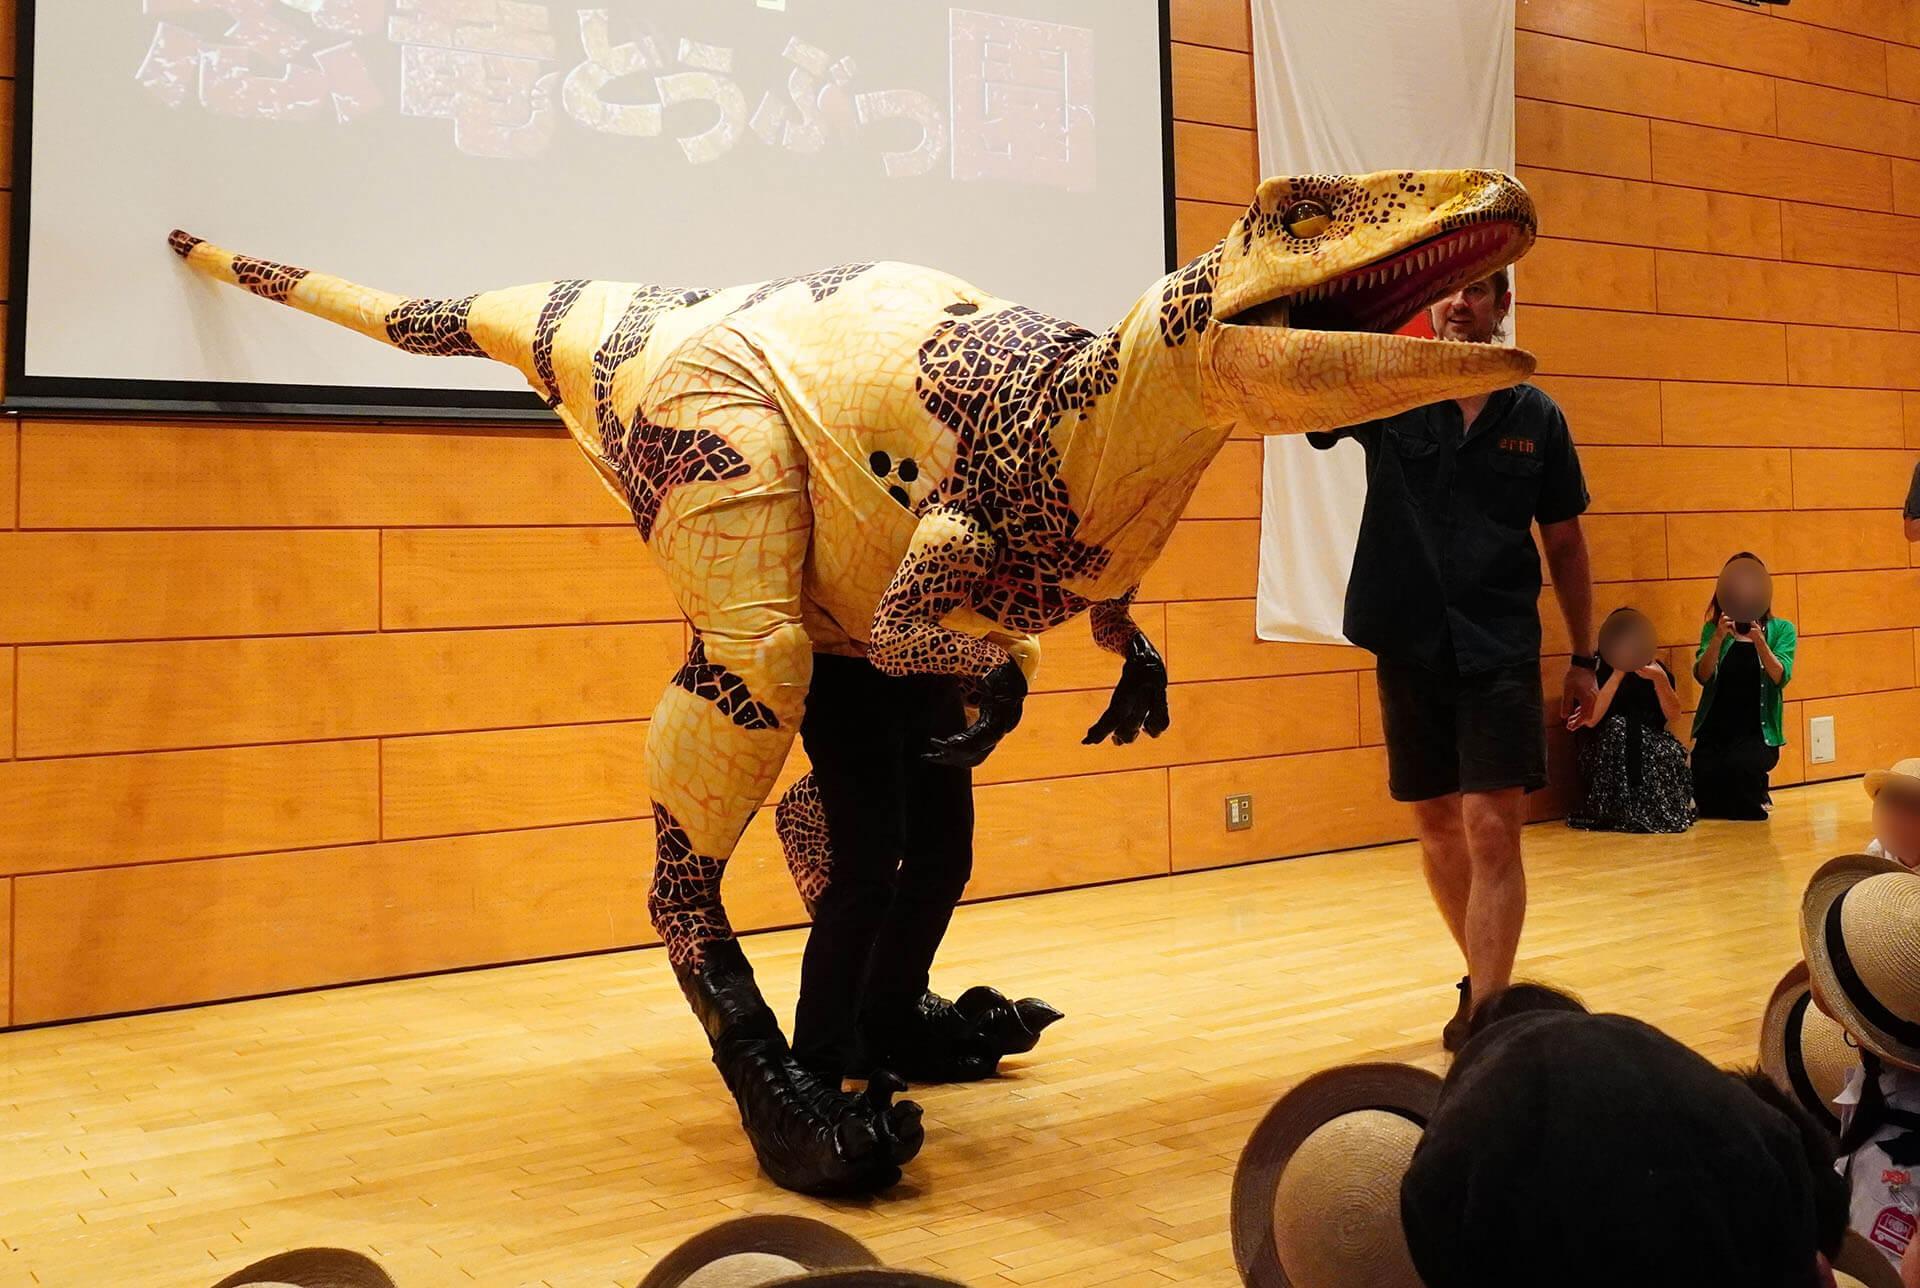 この写真は恐竜どうぶつ園プレイベントの様子。恐竜のご挨拶の様子